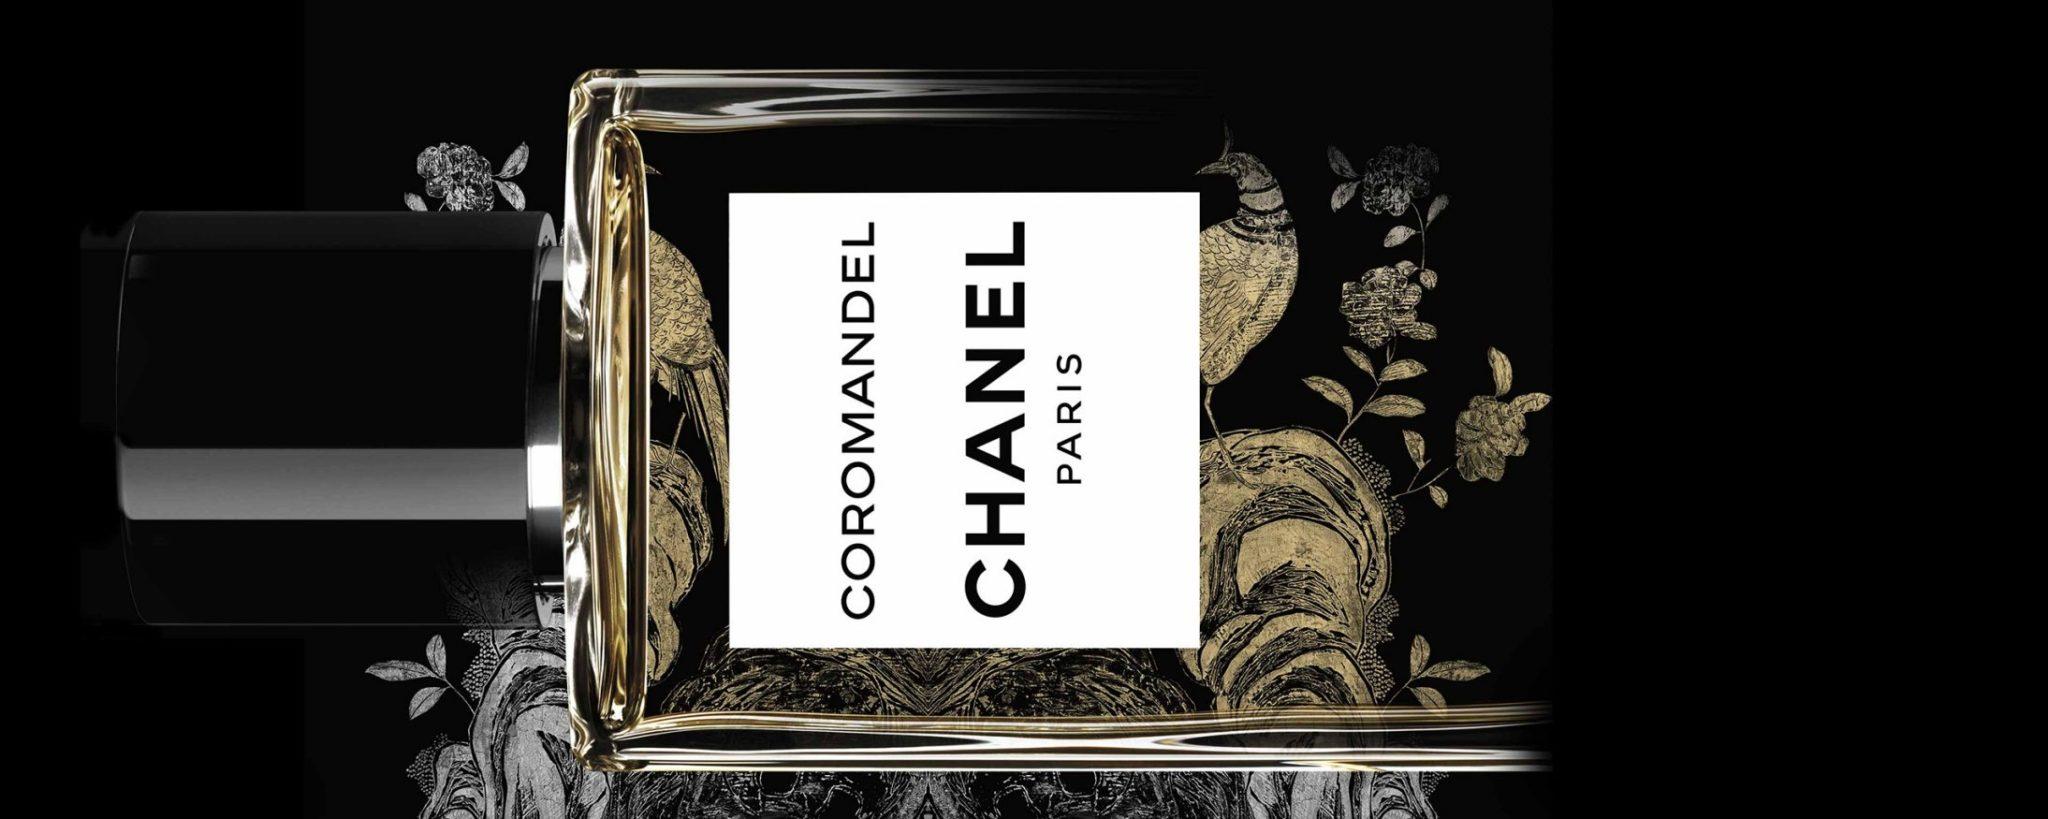 Chanel Les Exclusifs Coromandel eau de parfum Esprit de Gabrielle jeronimodiparigi-dev-esprit-de-gabrielle.pf1.wpserveur.net